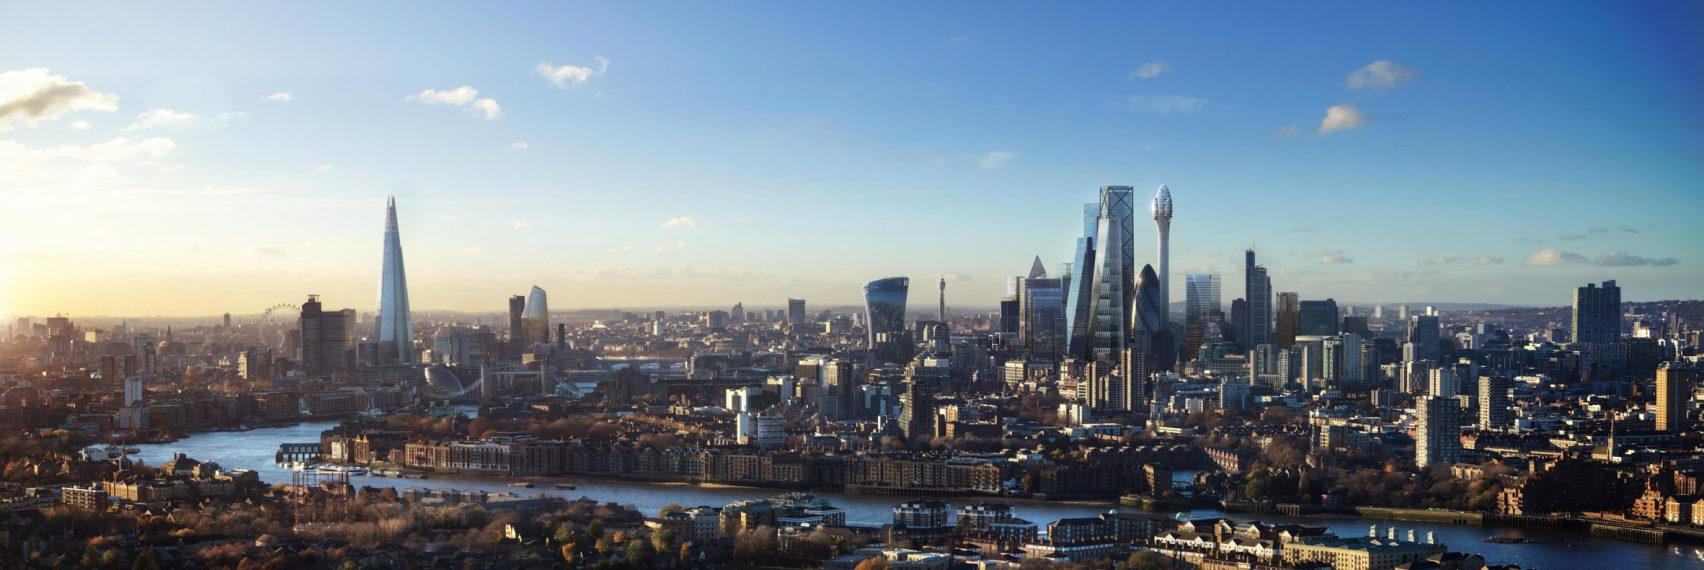 El rascacielos tendrá 12 plantas en las que habrá bares y restaurantes con vistas de Londres de 360 grados / DBOX for Foster + Partners